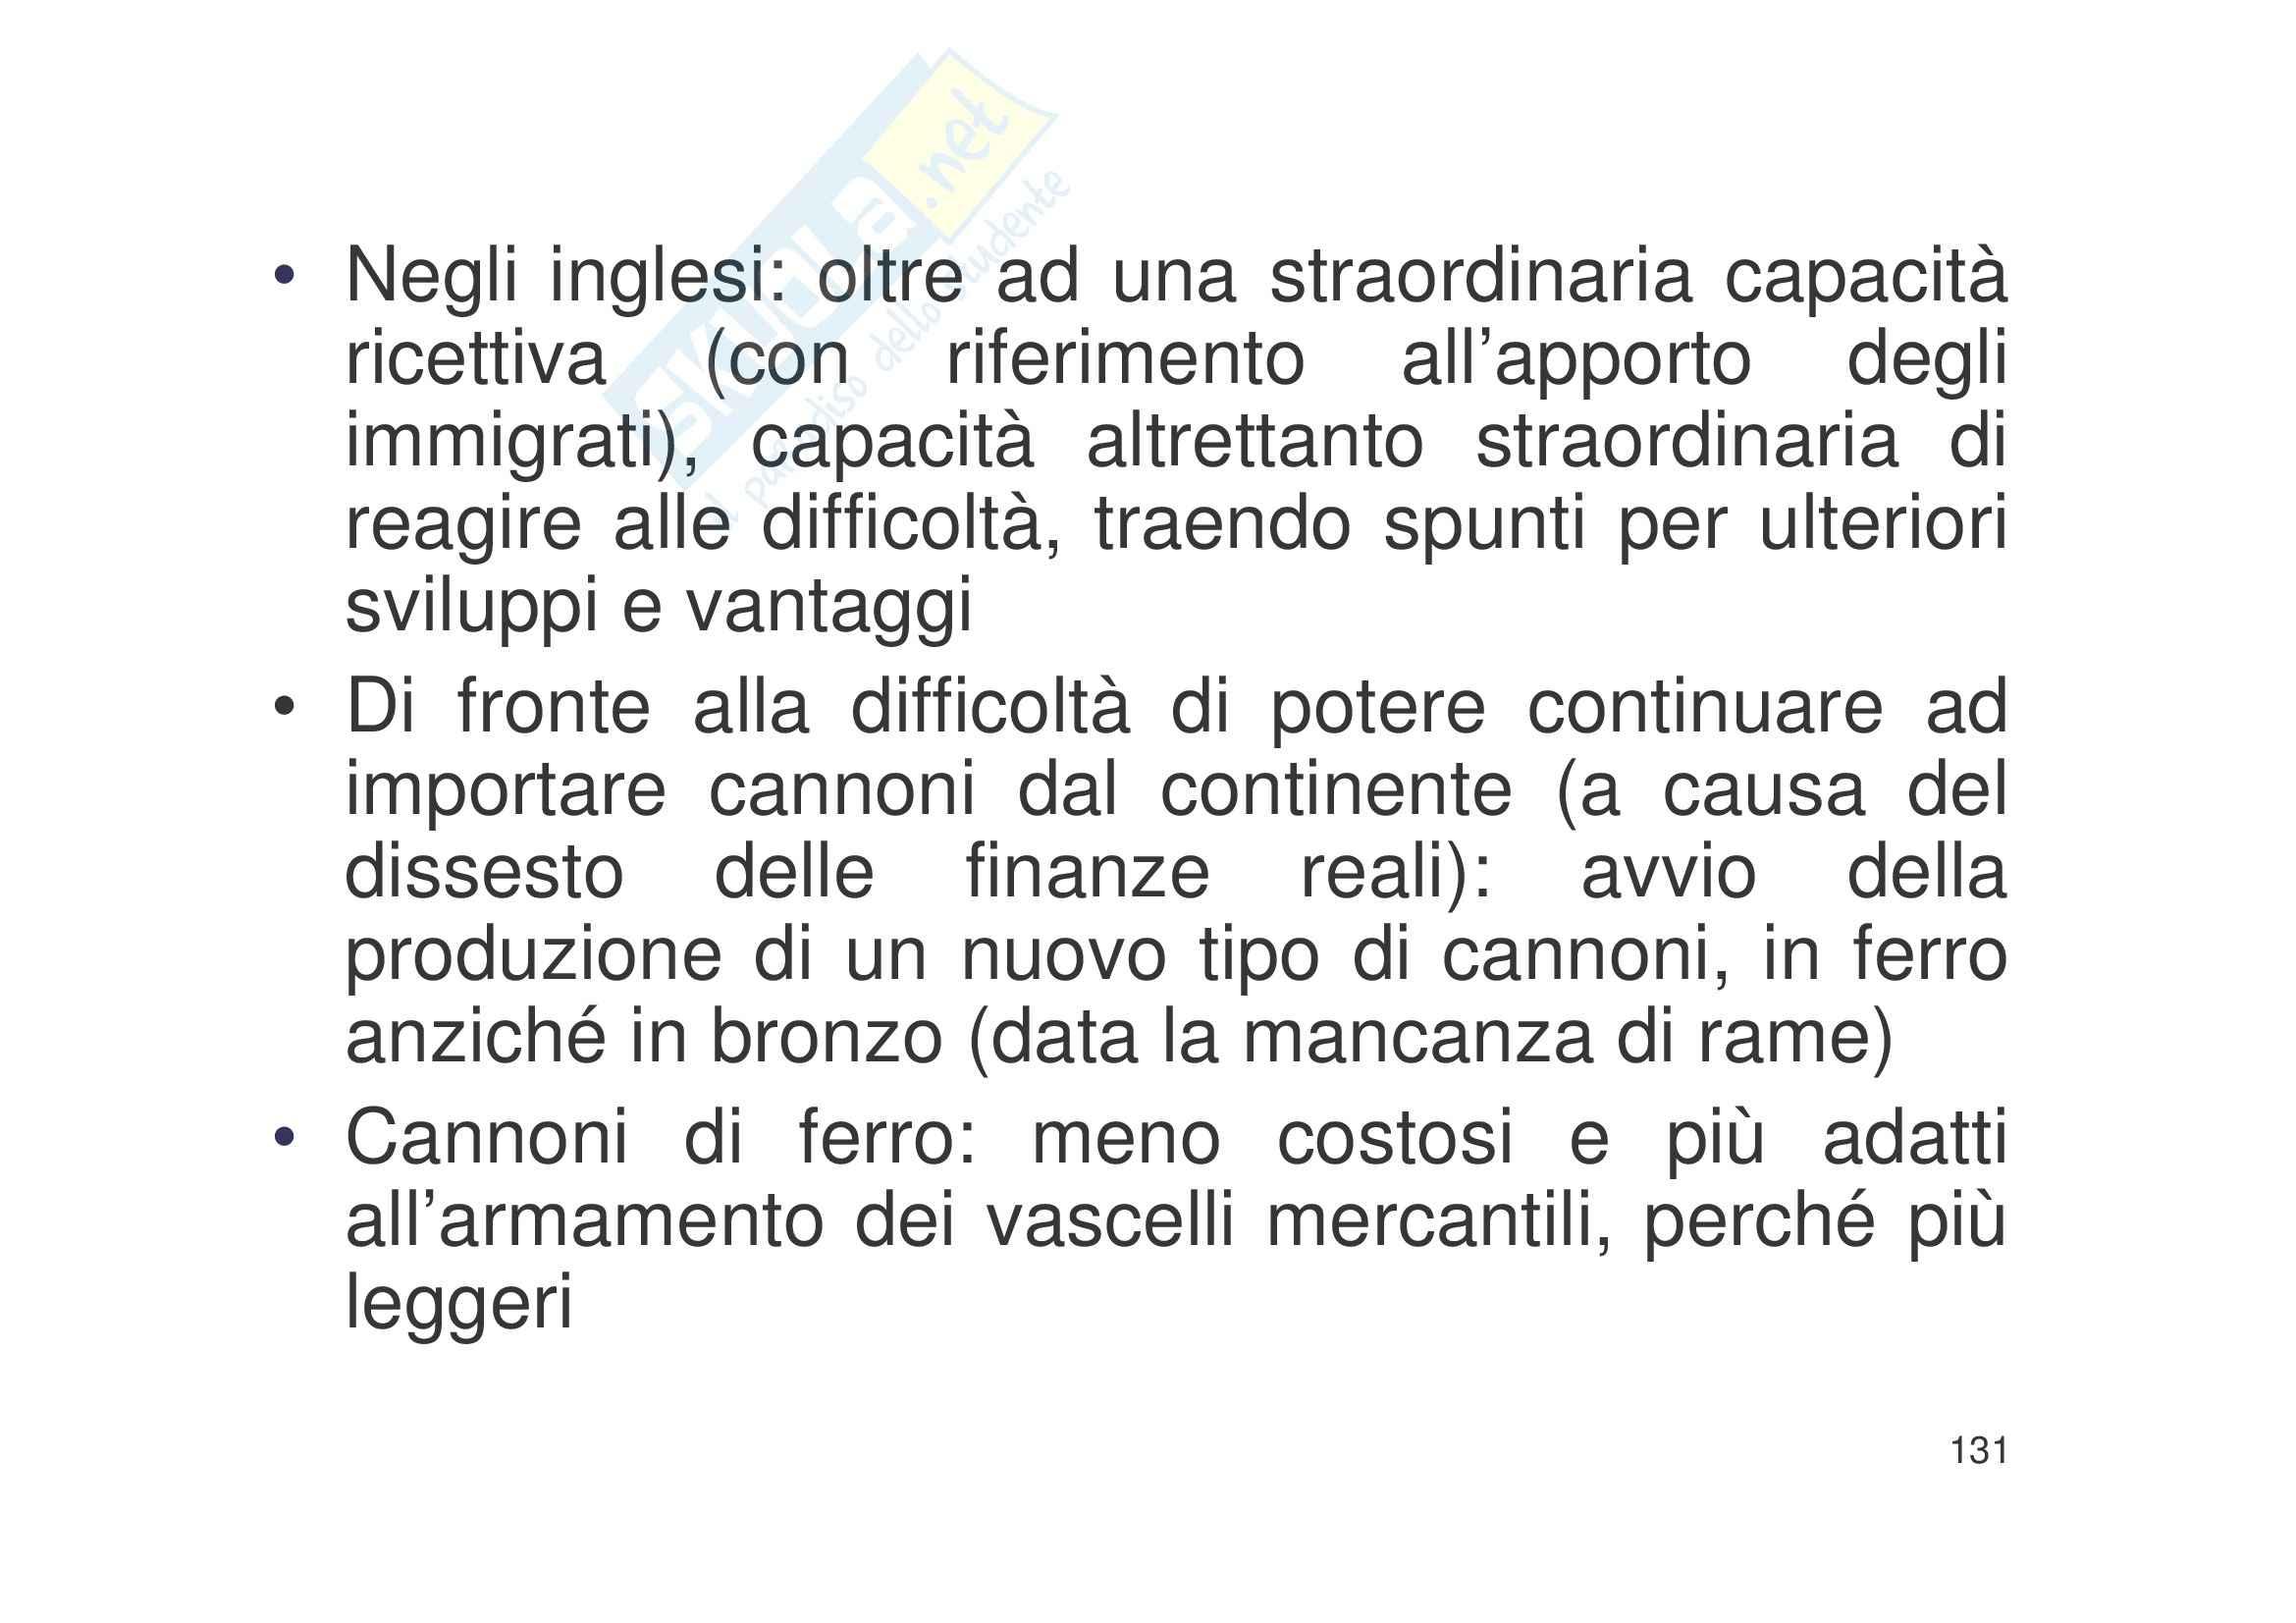 Storia economica - Appunti Pag. 131